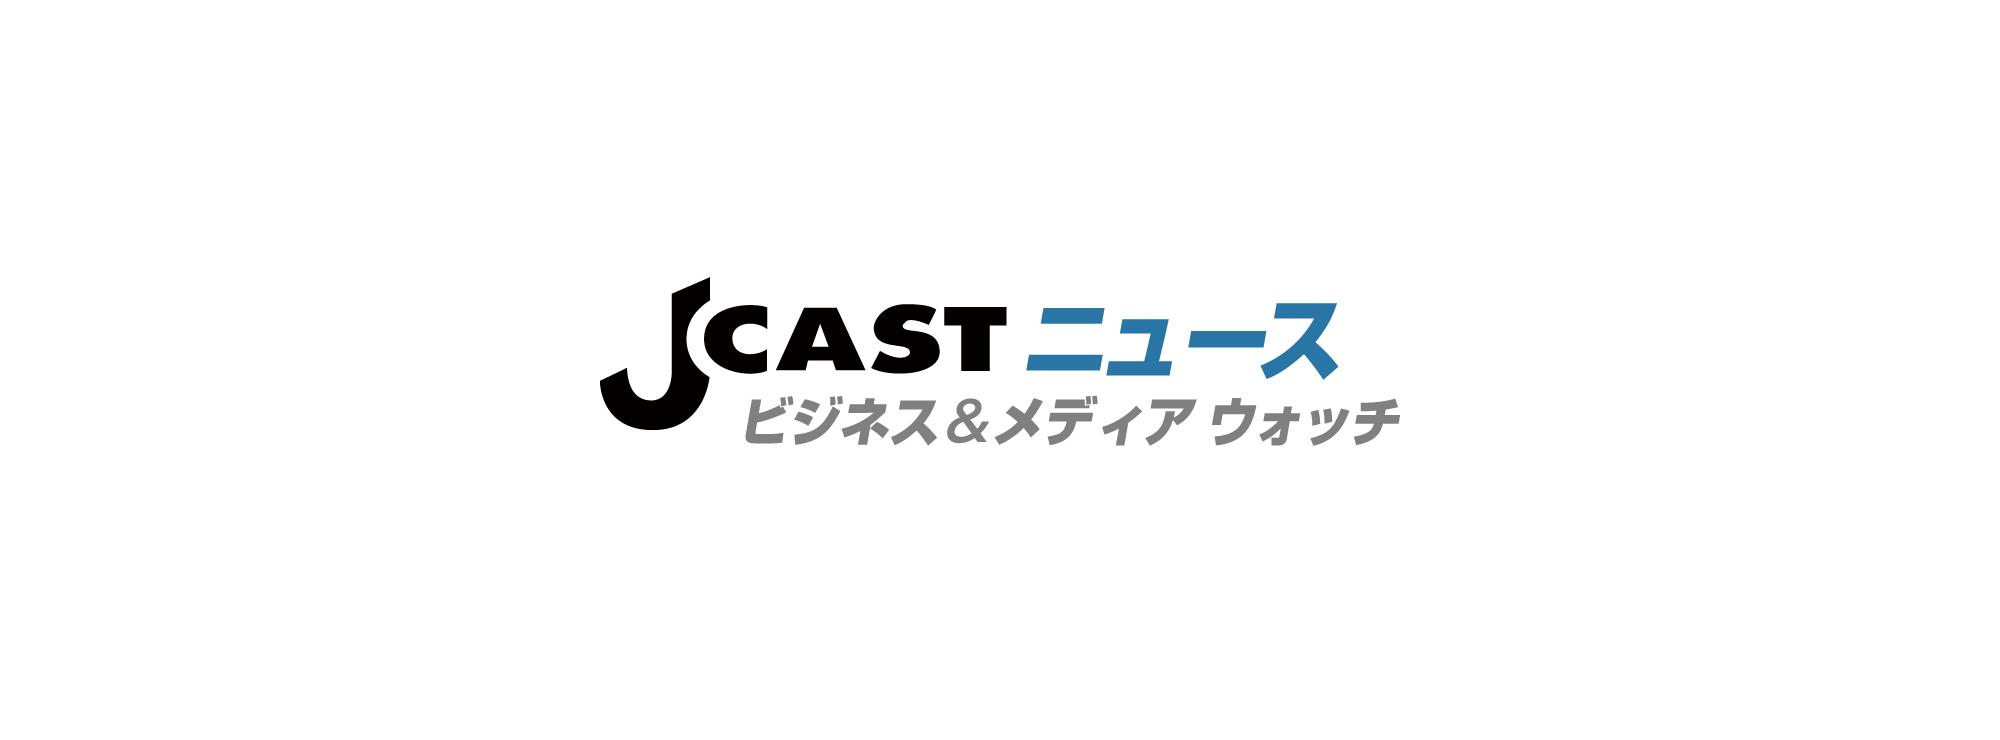 百田尚樹氏「狂った正義感」と猛反発 「『殉愛』のウソ解明」本めぐりツイート : J-CASTニュース